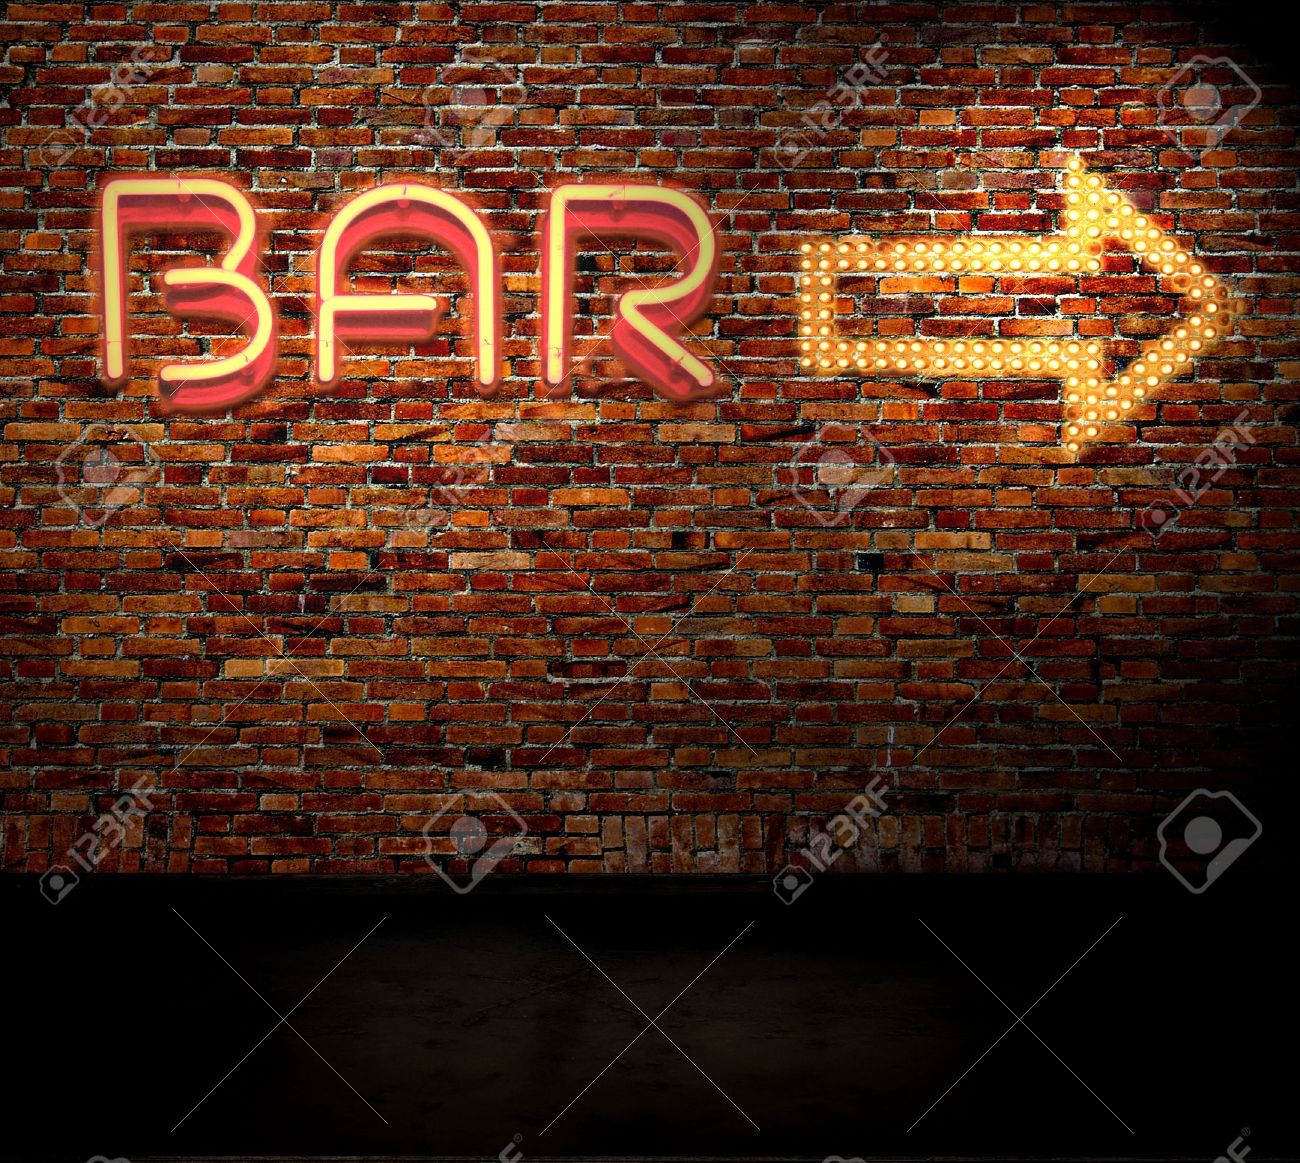 Bar sign on a brick wall - 4883597